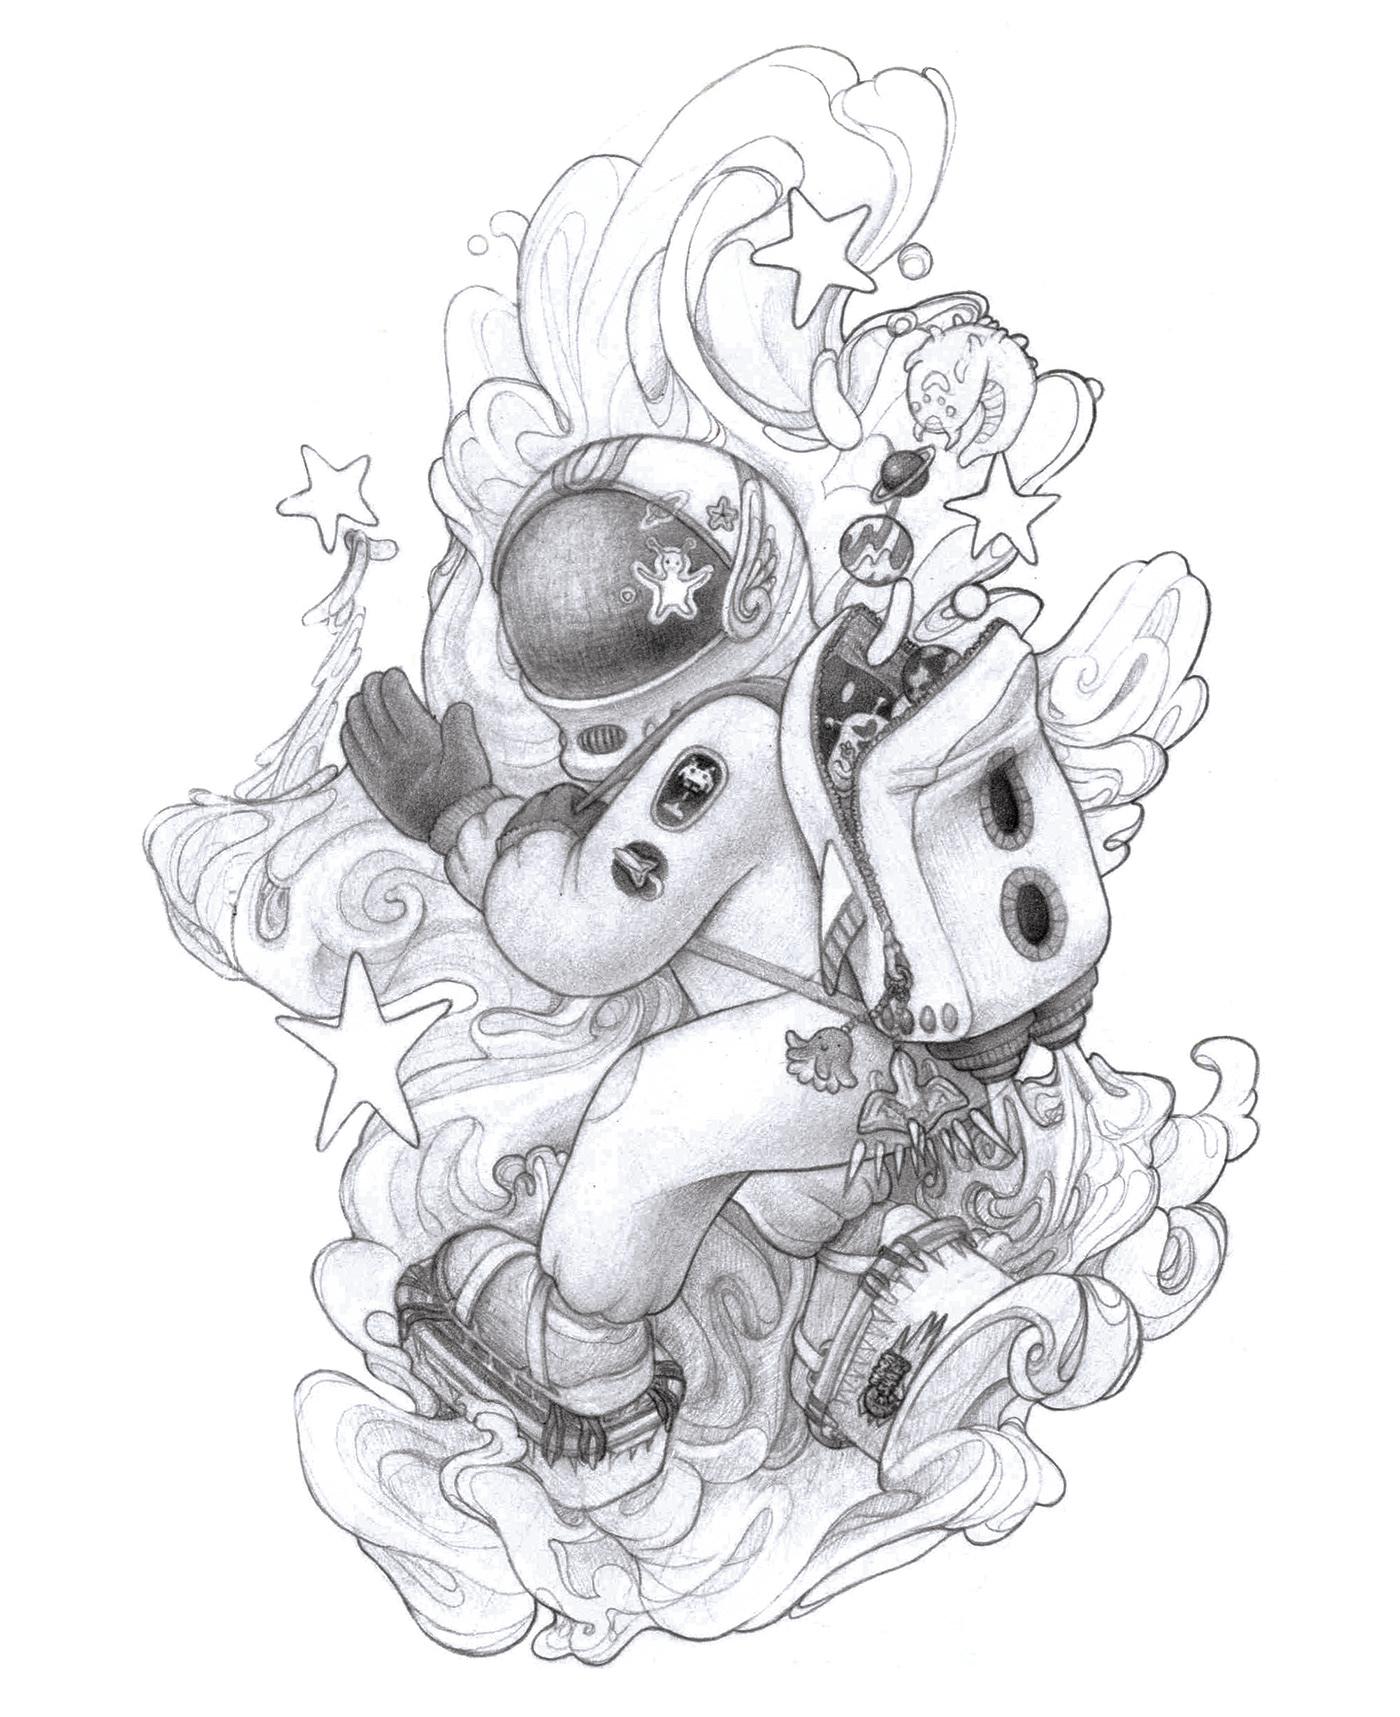 Character childhood Digital Art  Digital Drawing Drawing  Game Art moleskine sketch sketchbook Video Games